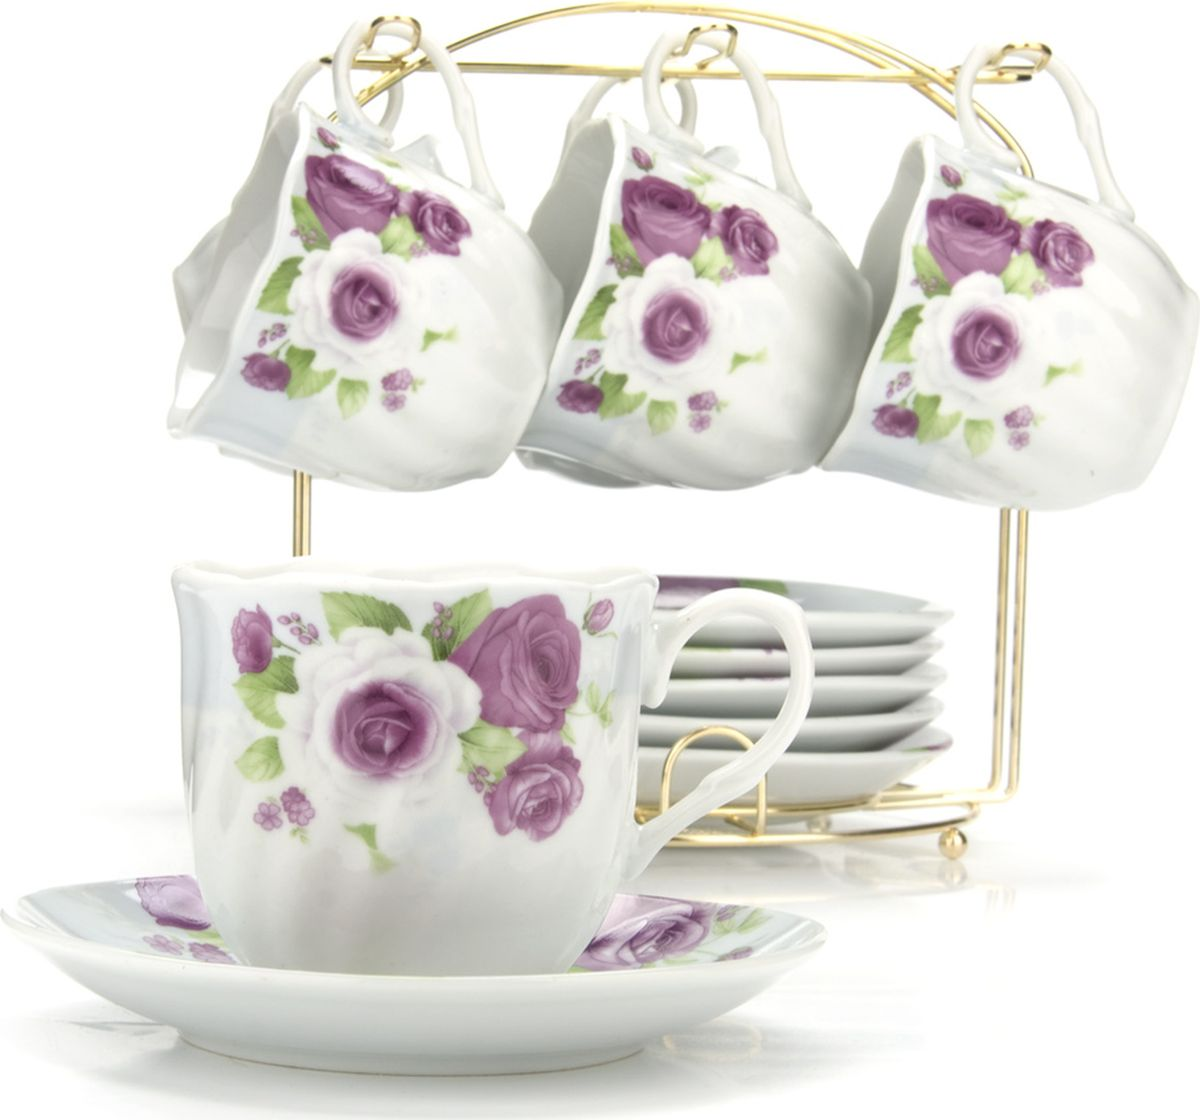 Сервиз чайный Loraine, на подставке, 13 предметов. 43284 сервиз чайный loraine на подставке 13 предметов 43284